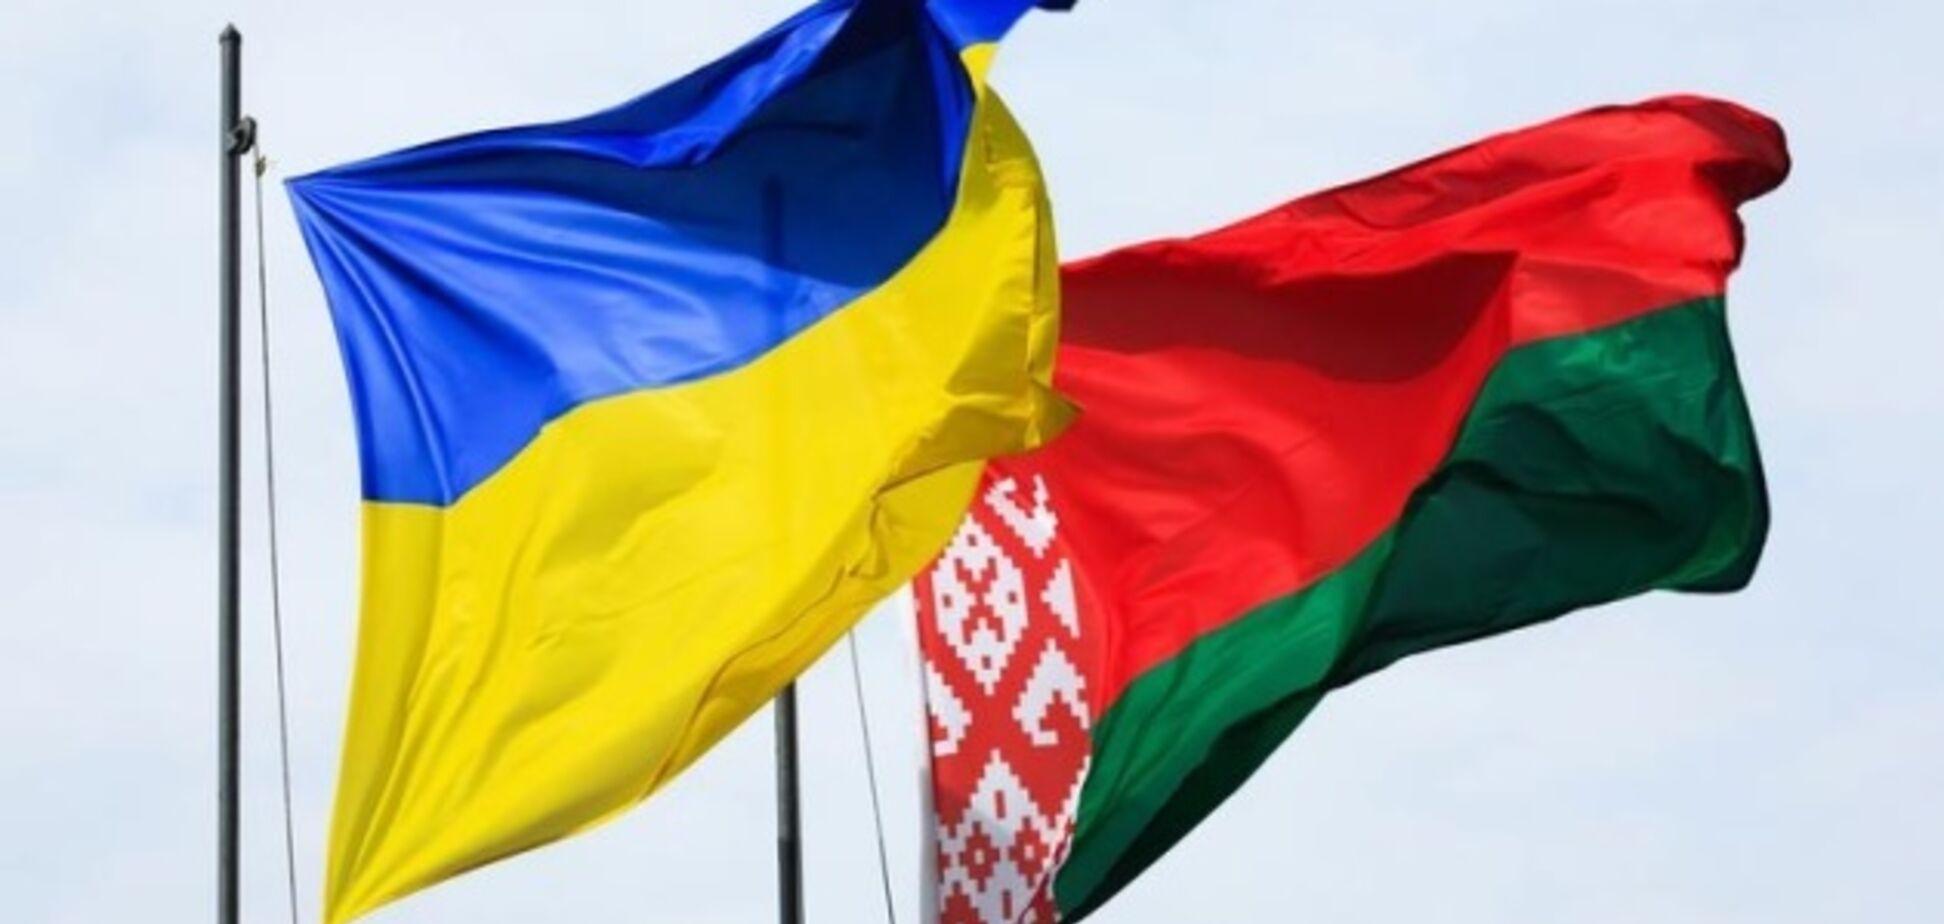 В Беларуси на выборах все работают бесплатно, а в Украине за деньги